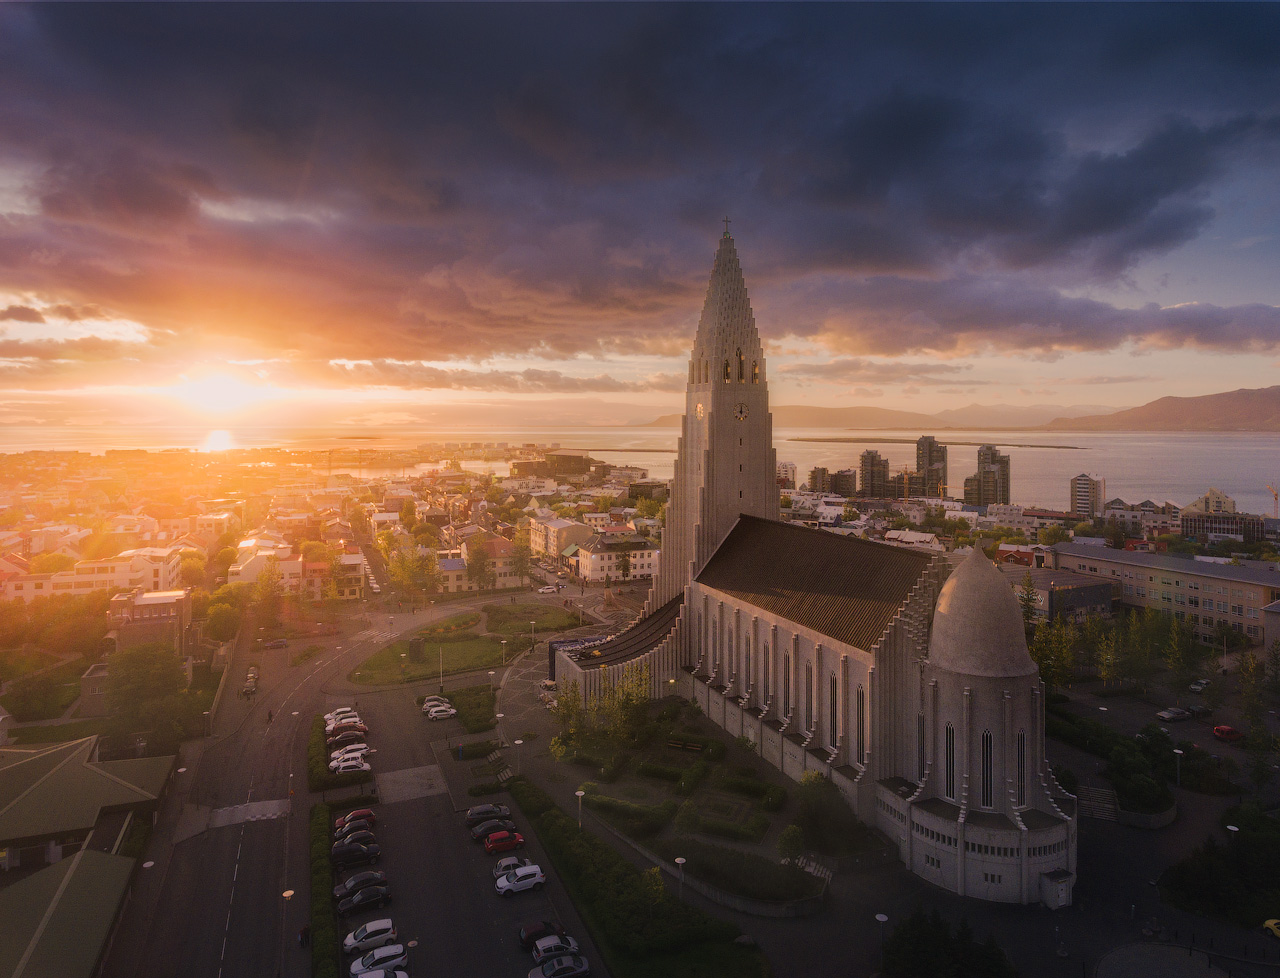 12 Day Midnight Sun Photography Workshop around Iceland - day 1